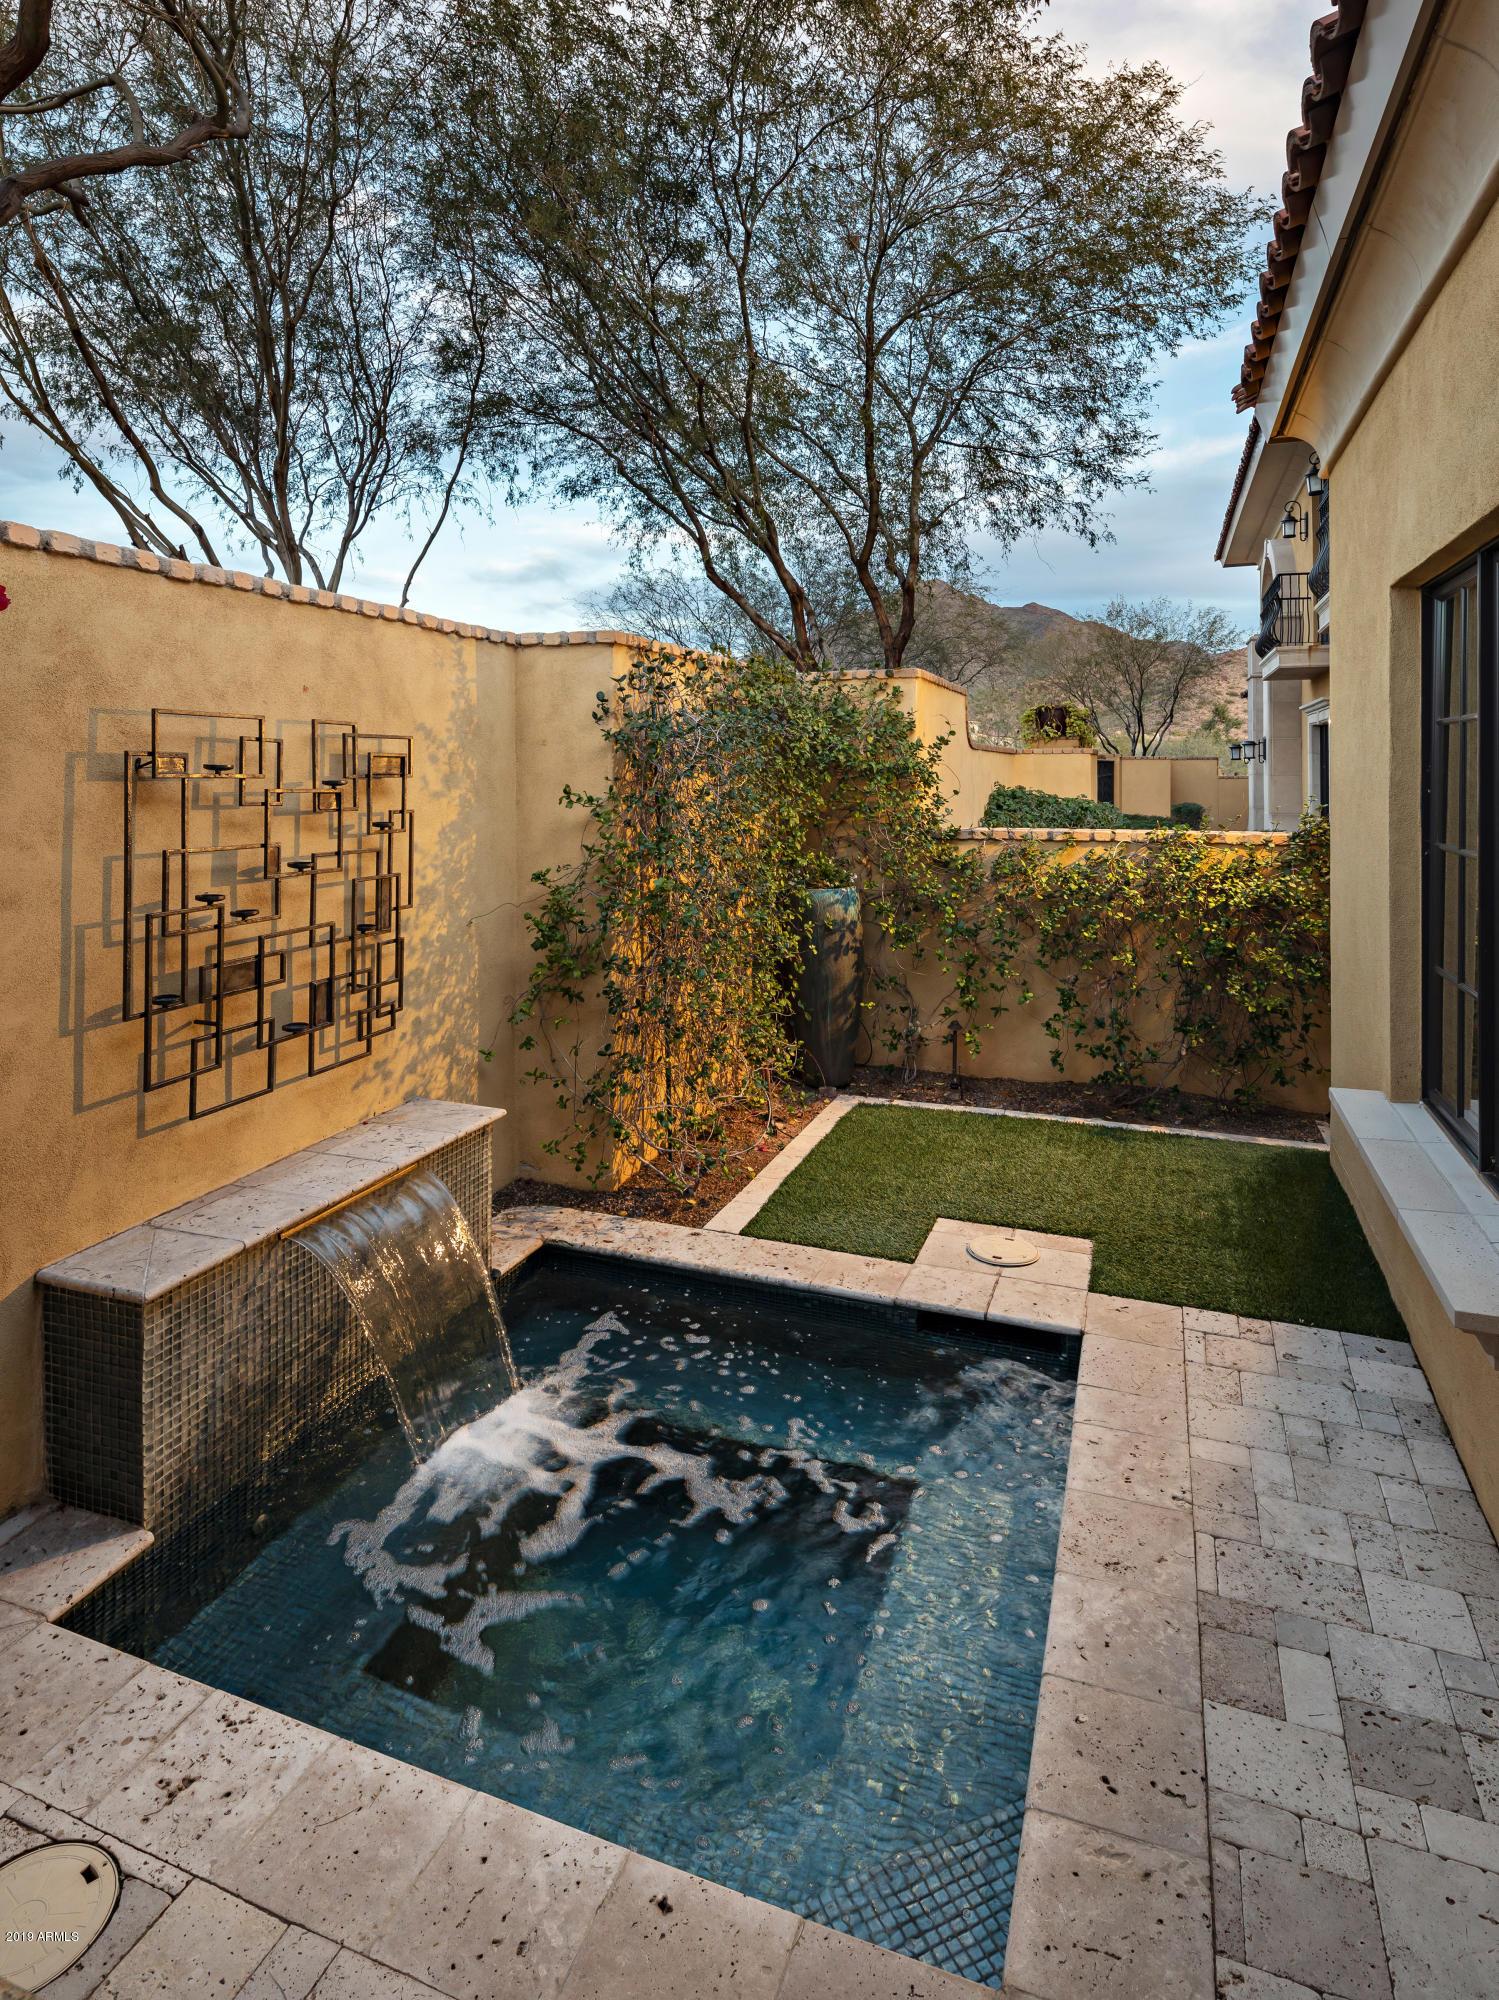 MLS 5869265 18987 N 101st Street, Scottsdale, AZ 85255 Scottsdale AZ Gated